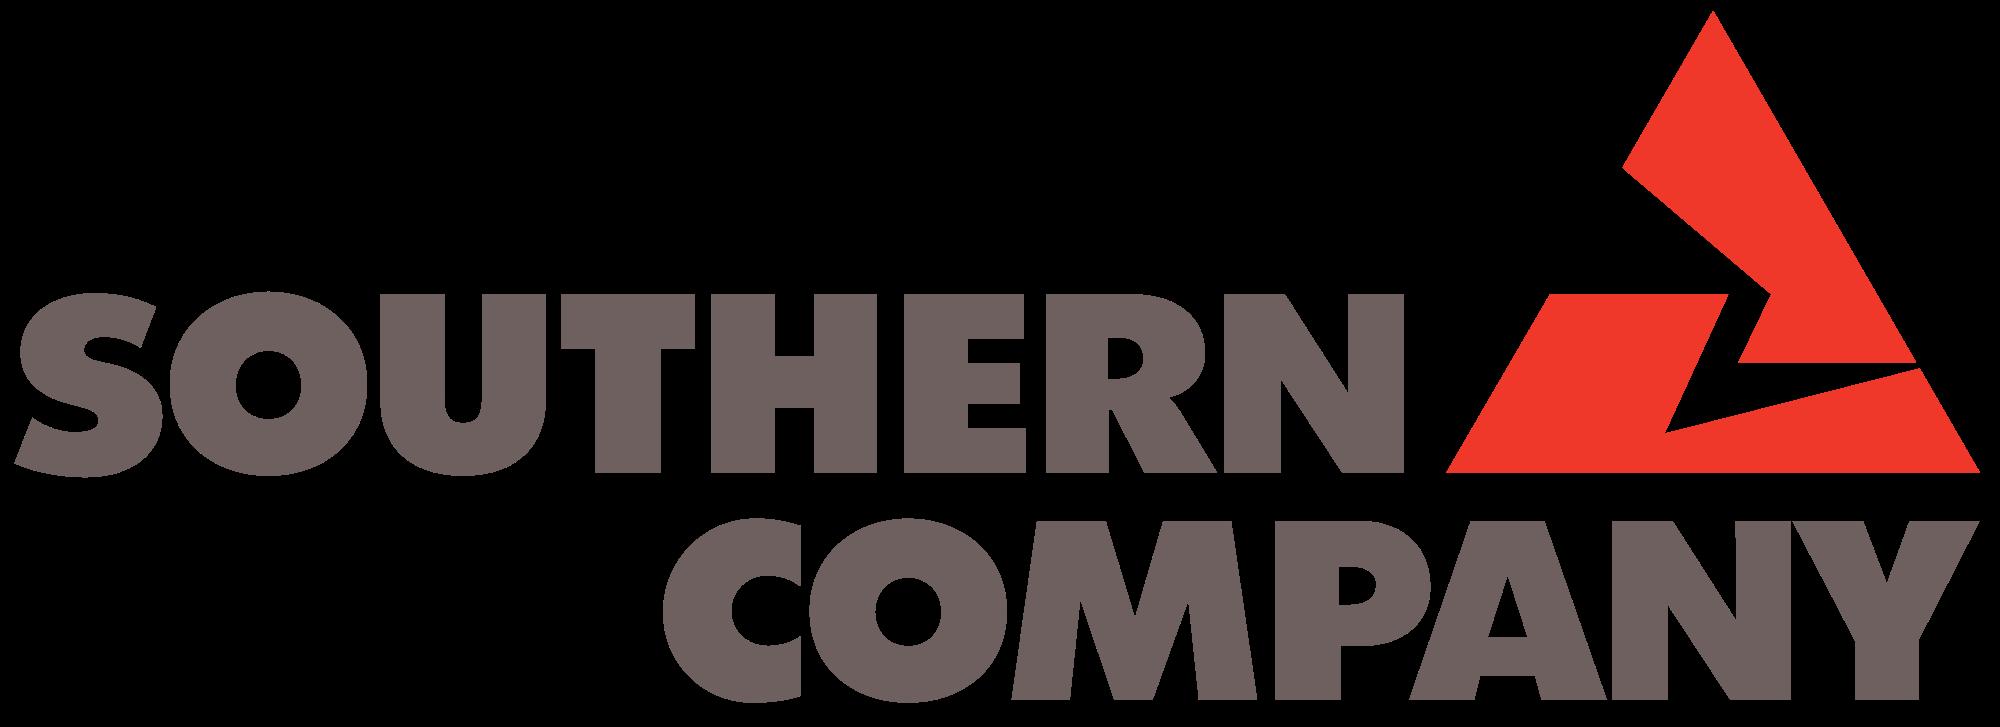 2000px-Southern_Company_logo.svg